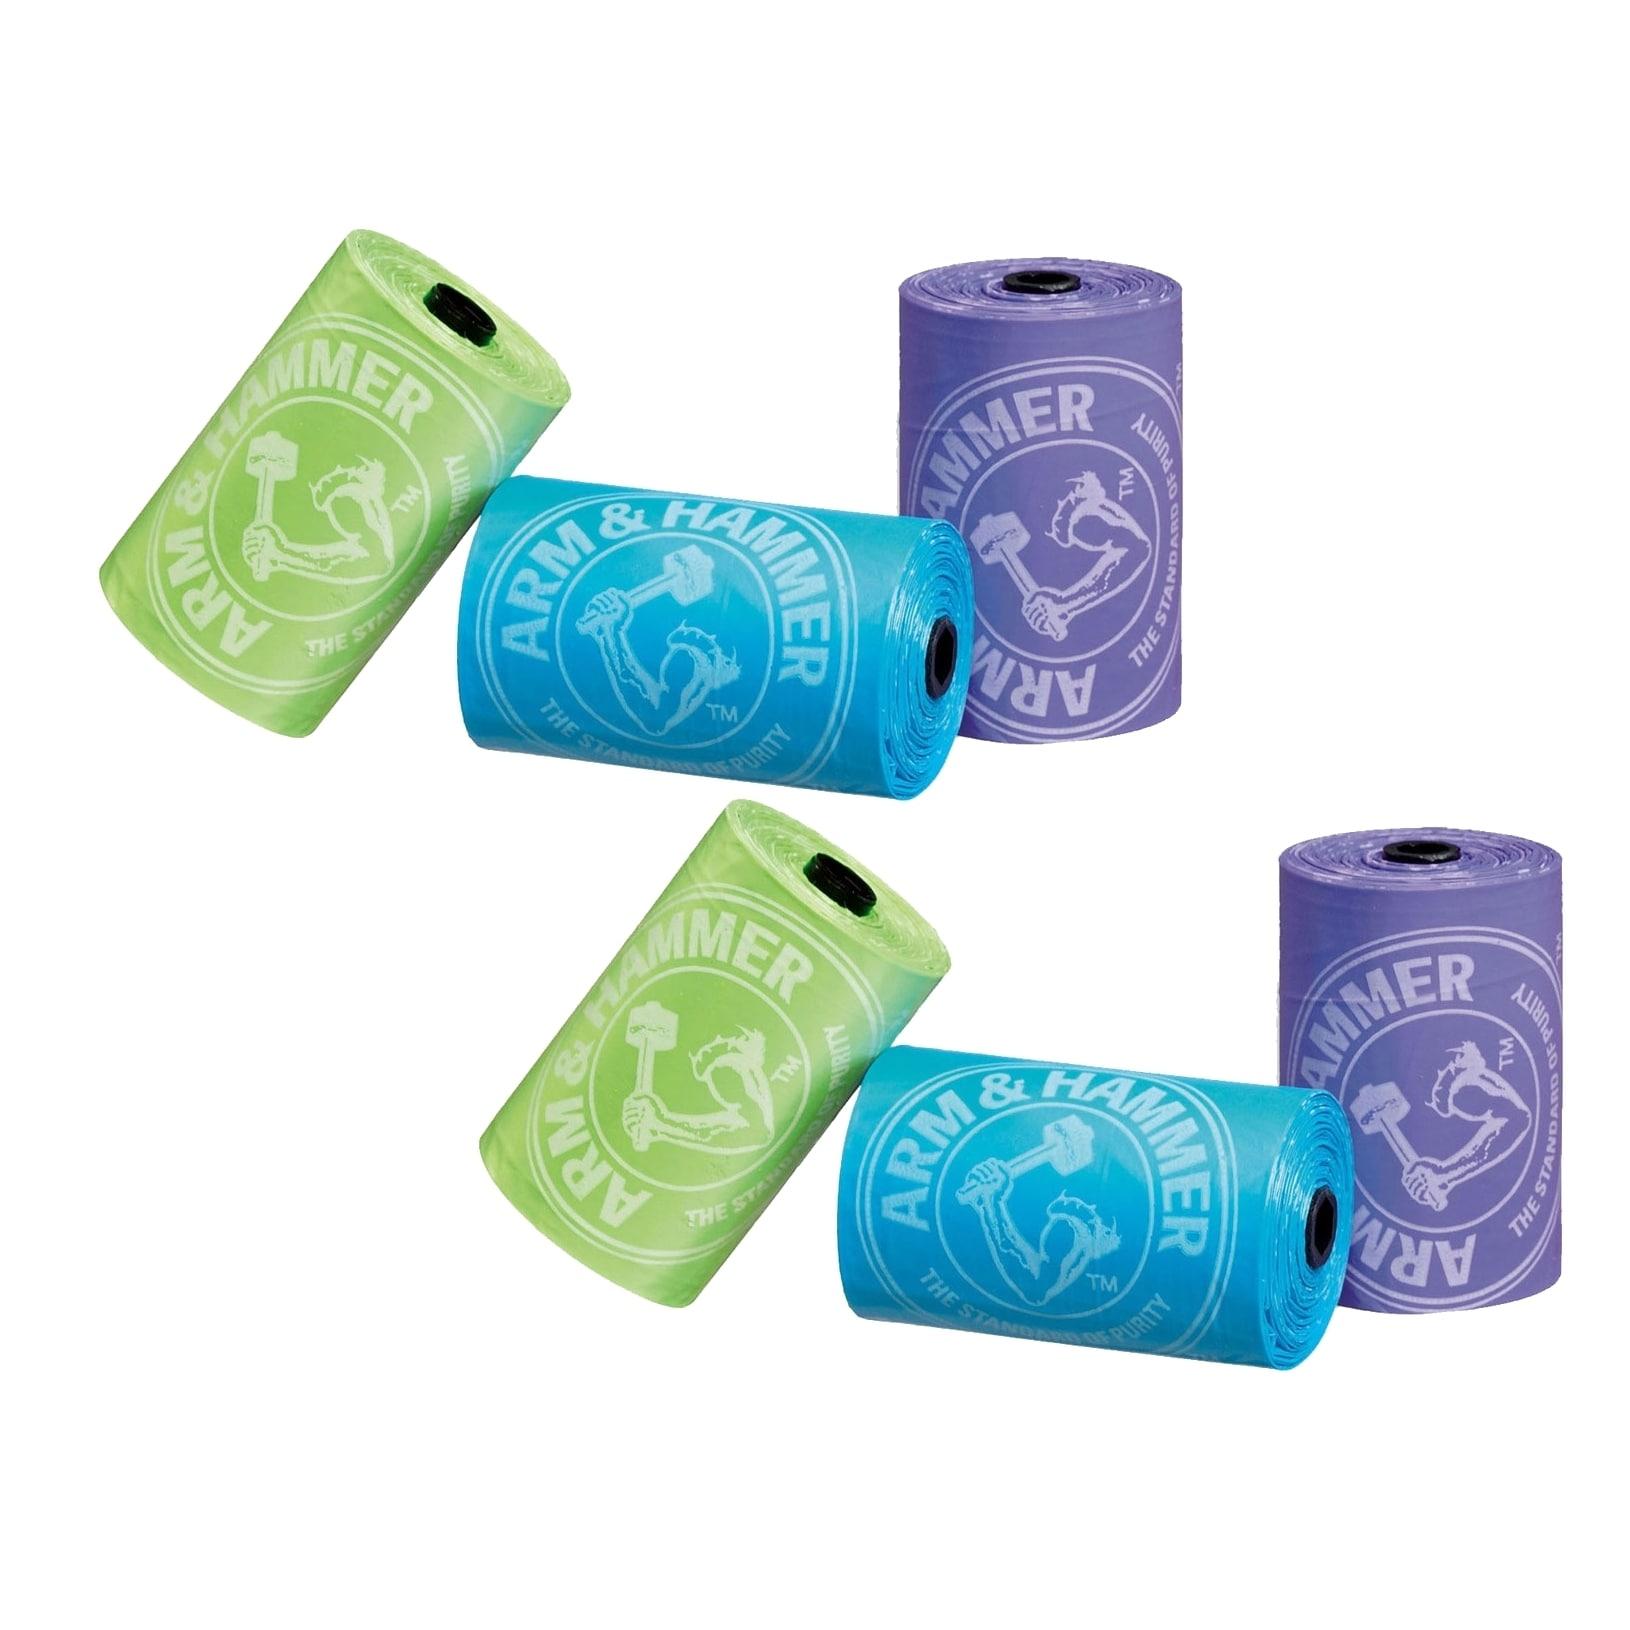 Munchkin  Arm & Hammer Diaper Bag Refills - 36 Bags (Pack of 2)